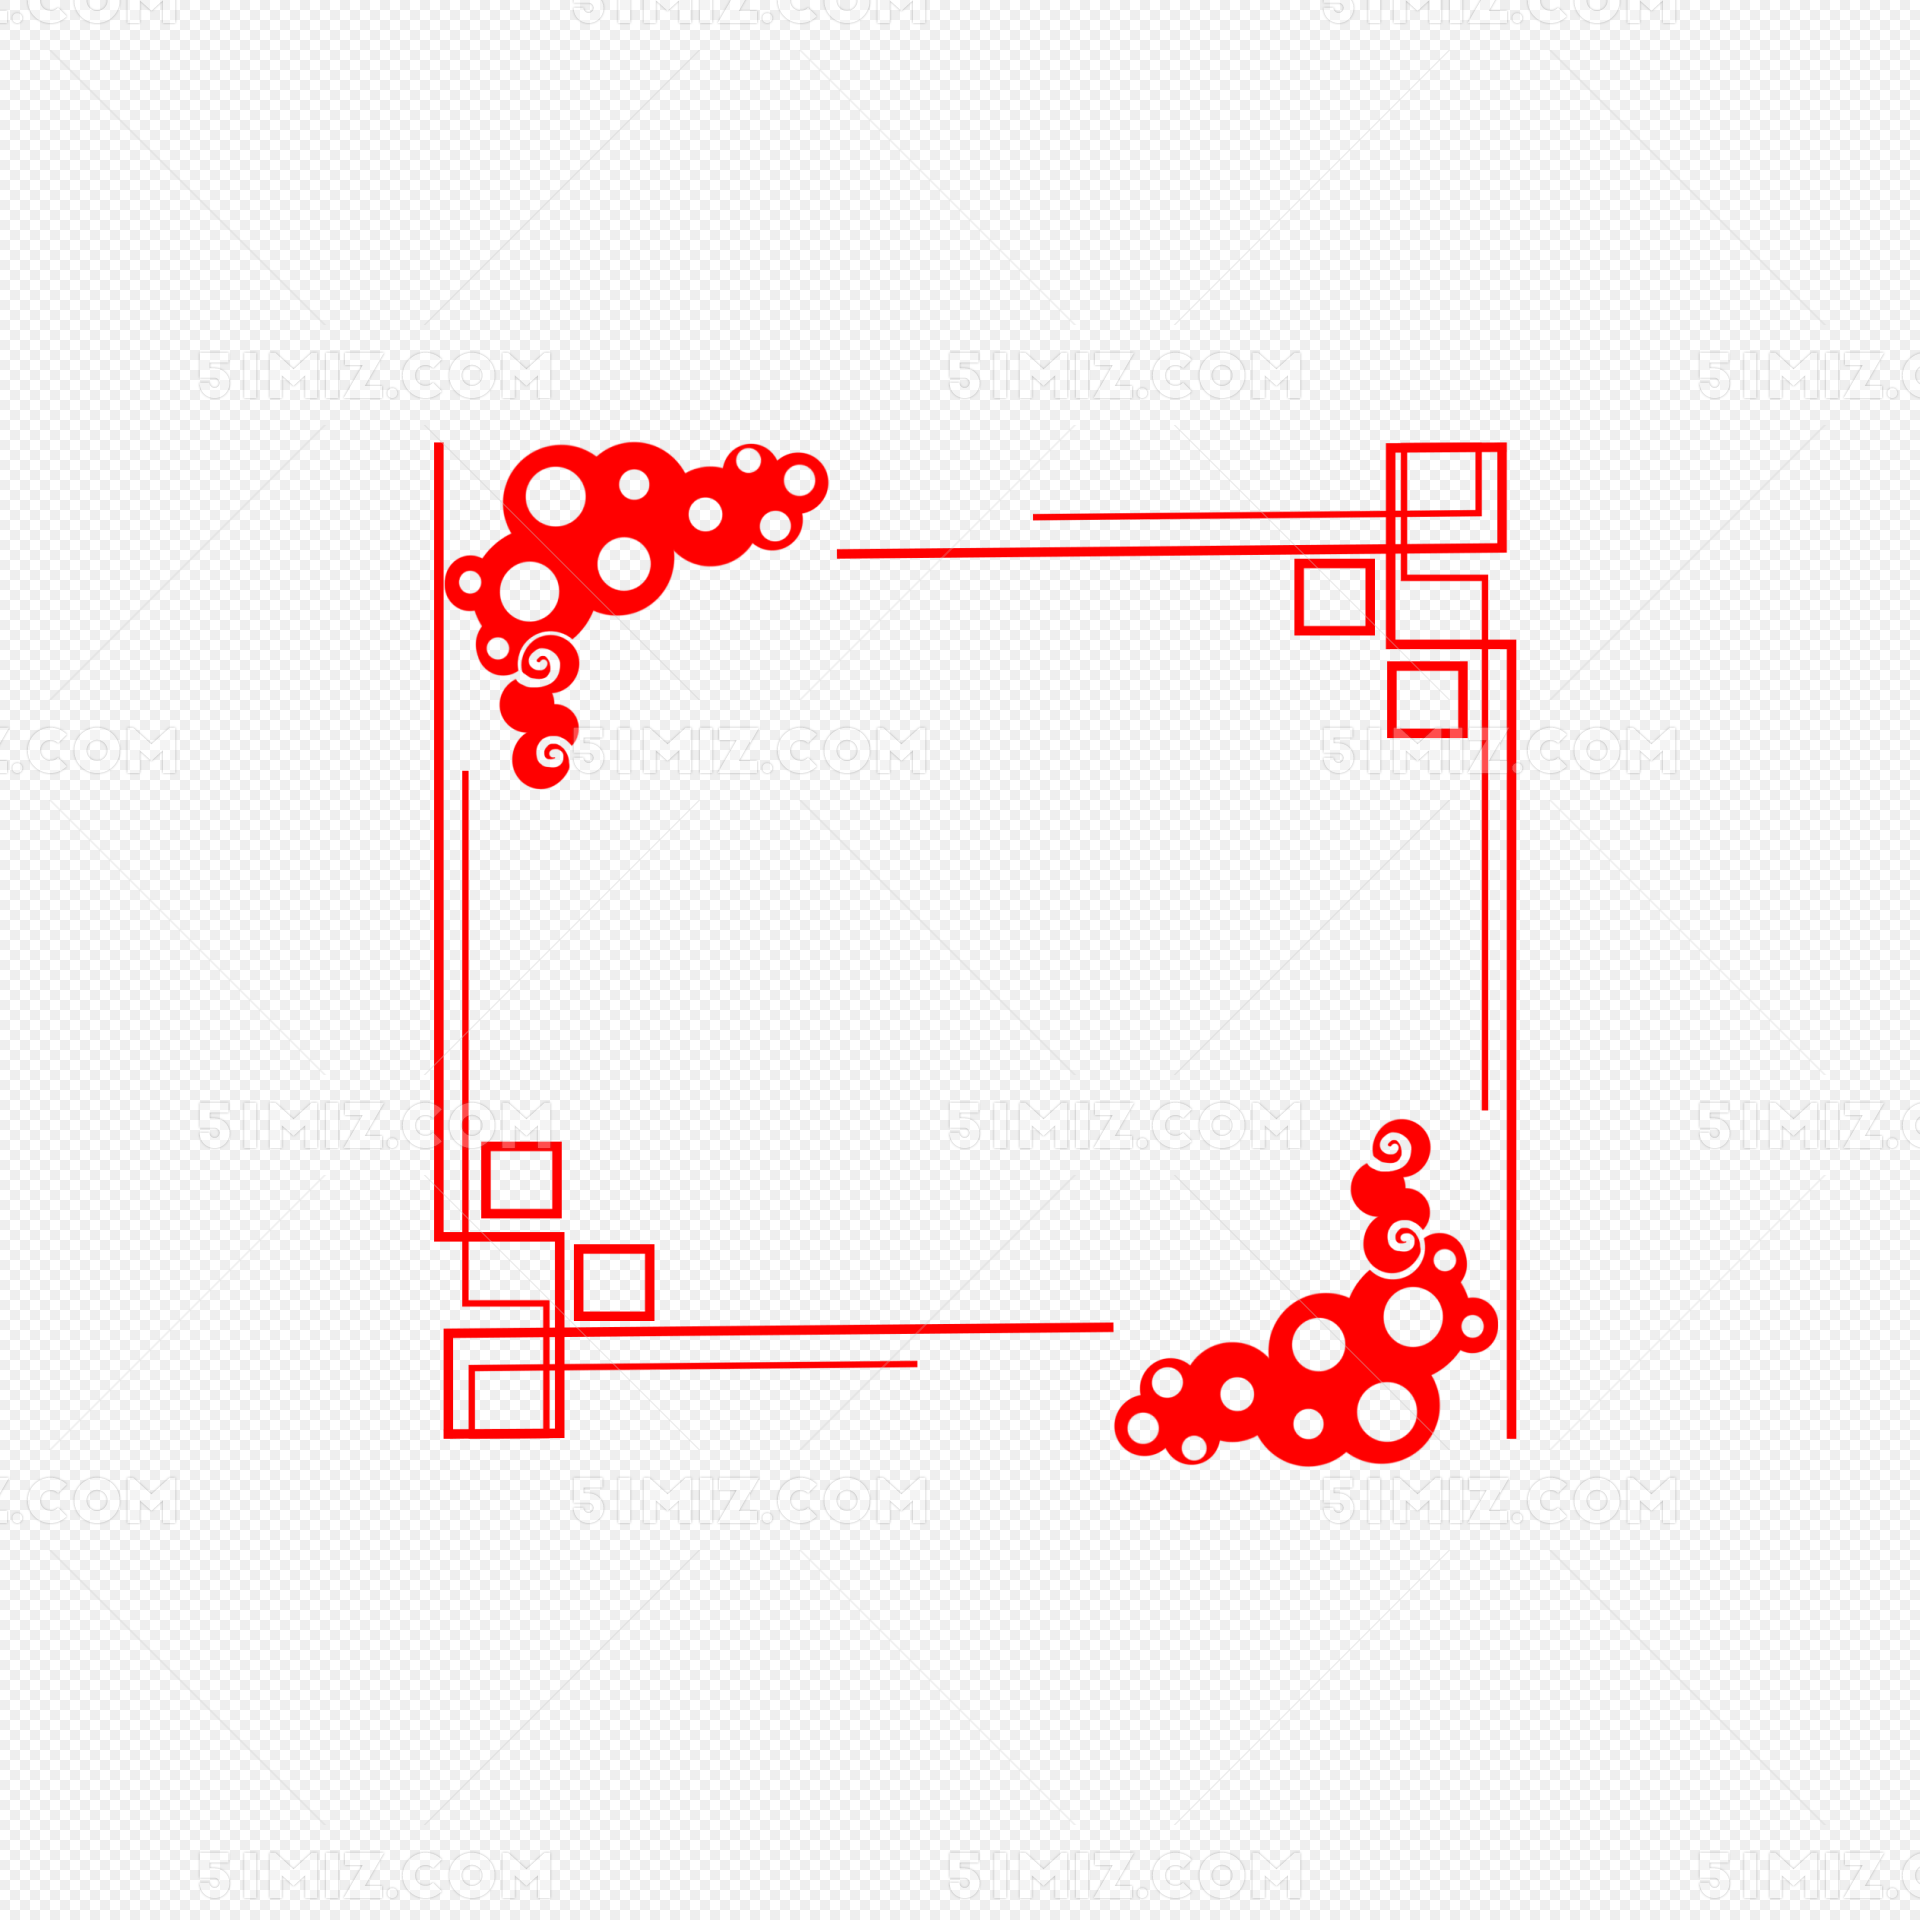 红色古风边框手绘插画